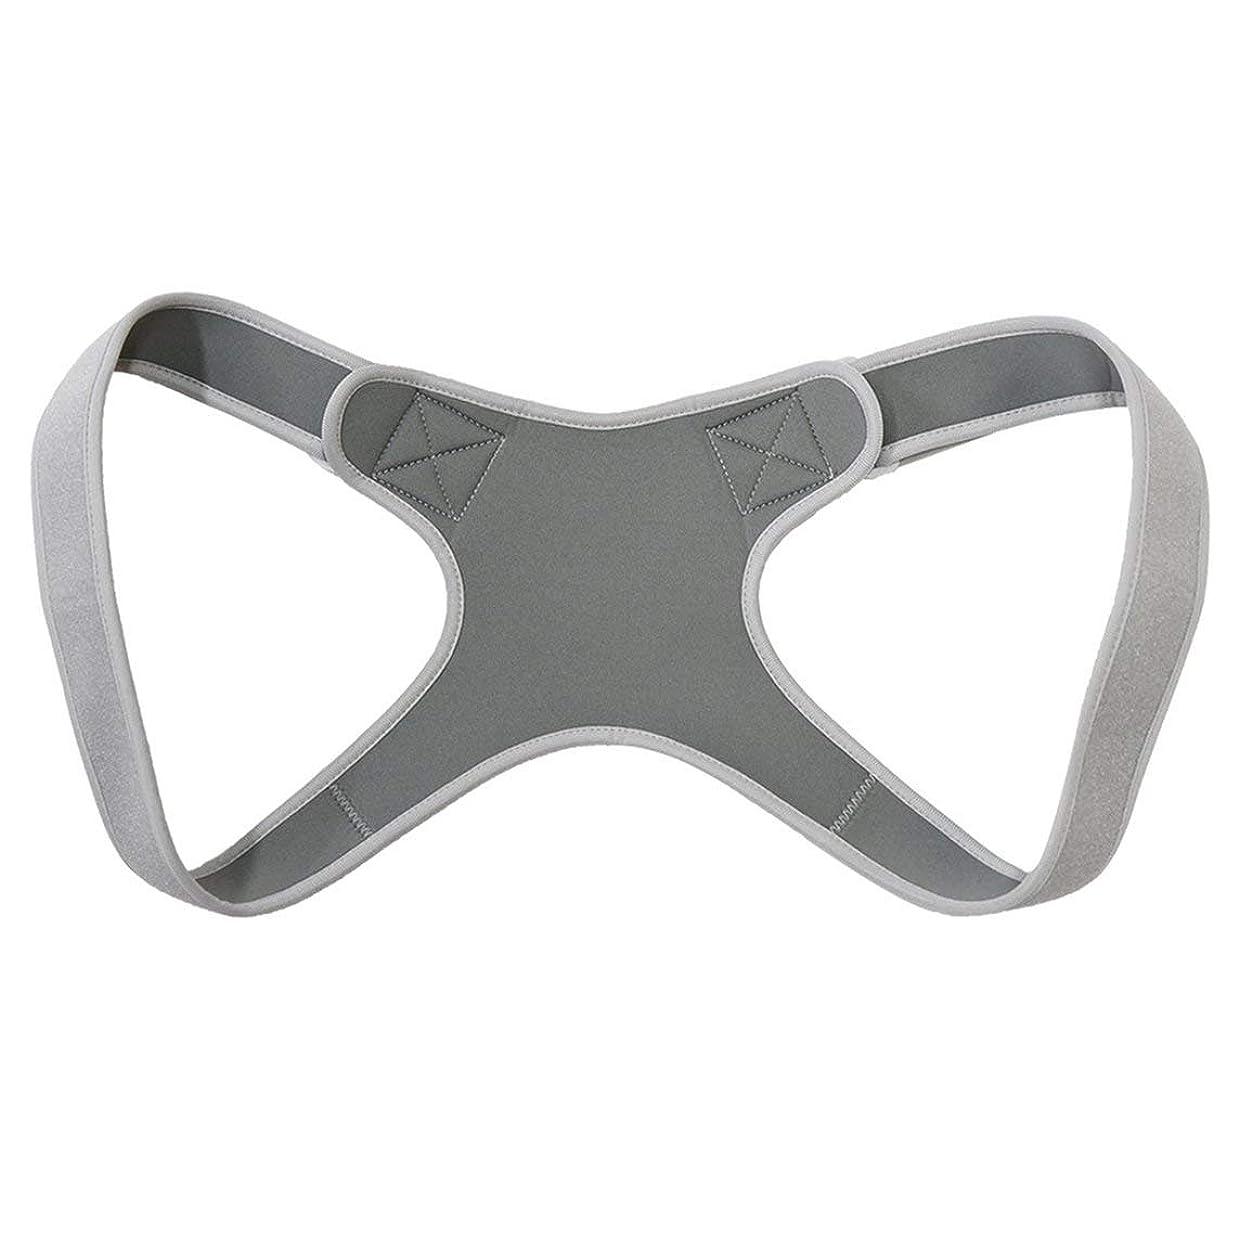 人気のどっち巧みな新しいアッパーバックポスチャーコレクター姿勢鎖骨サポートコレクターバックストレートショルダーブレースストラップコレクター - グレー